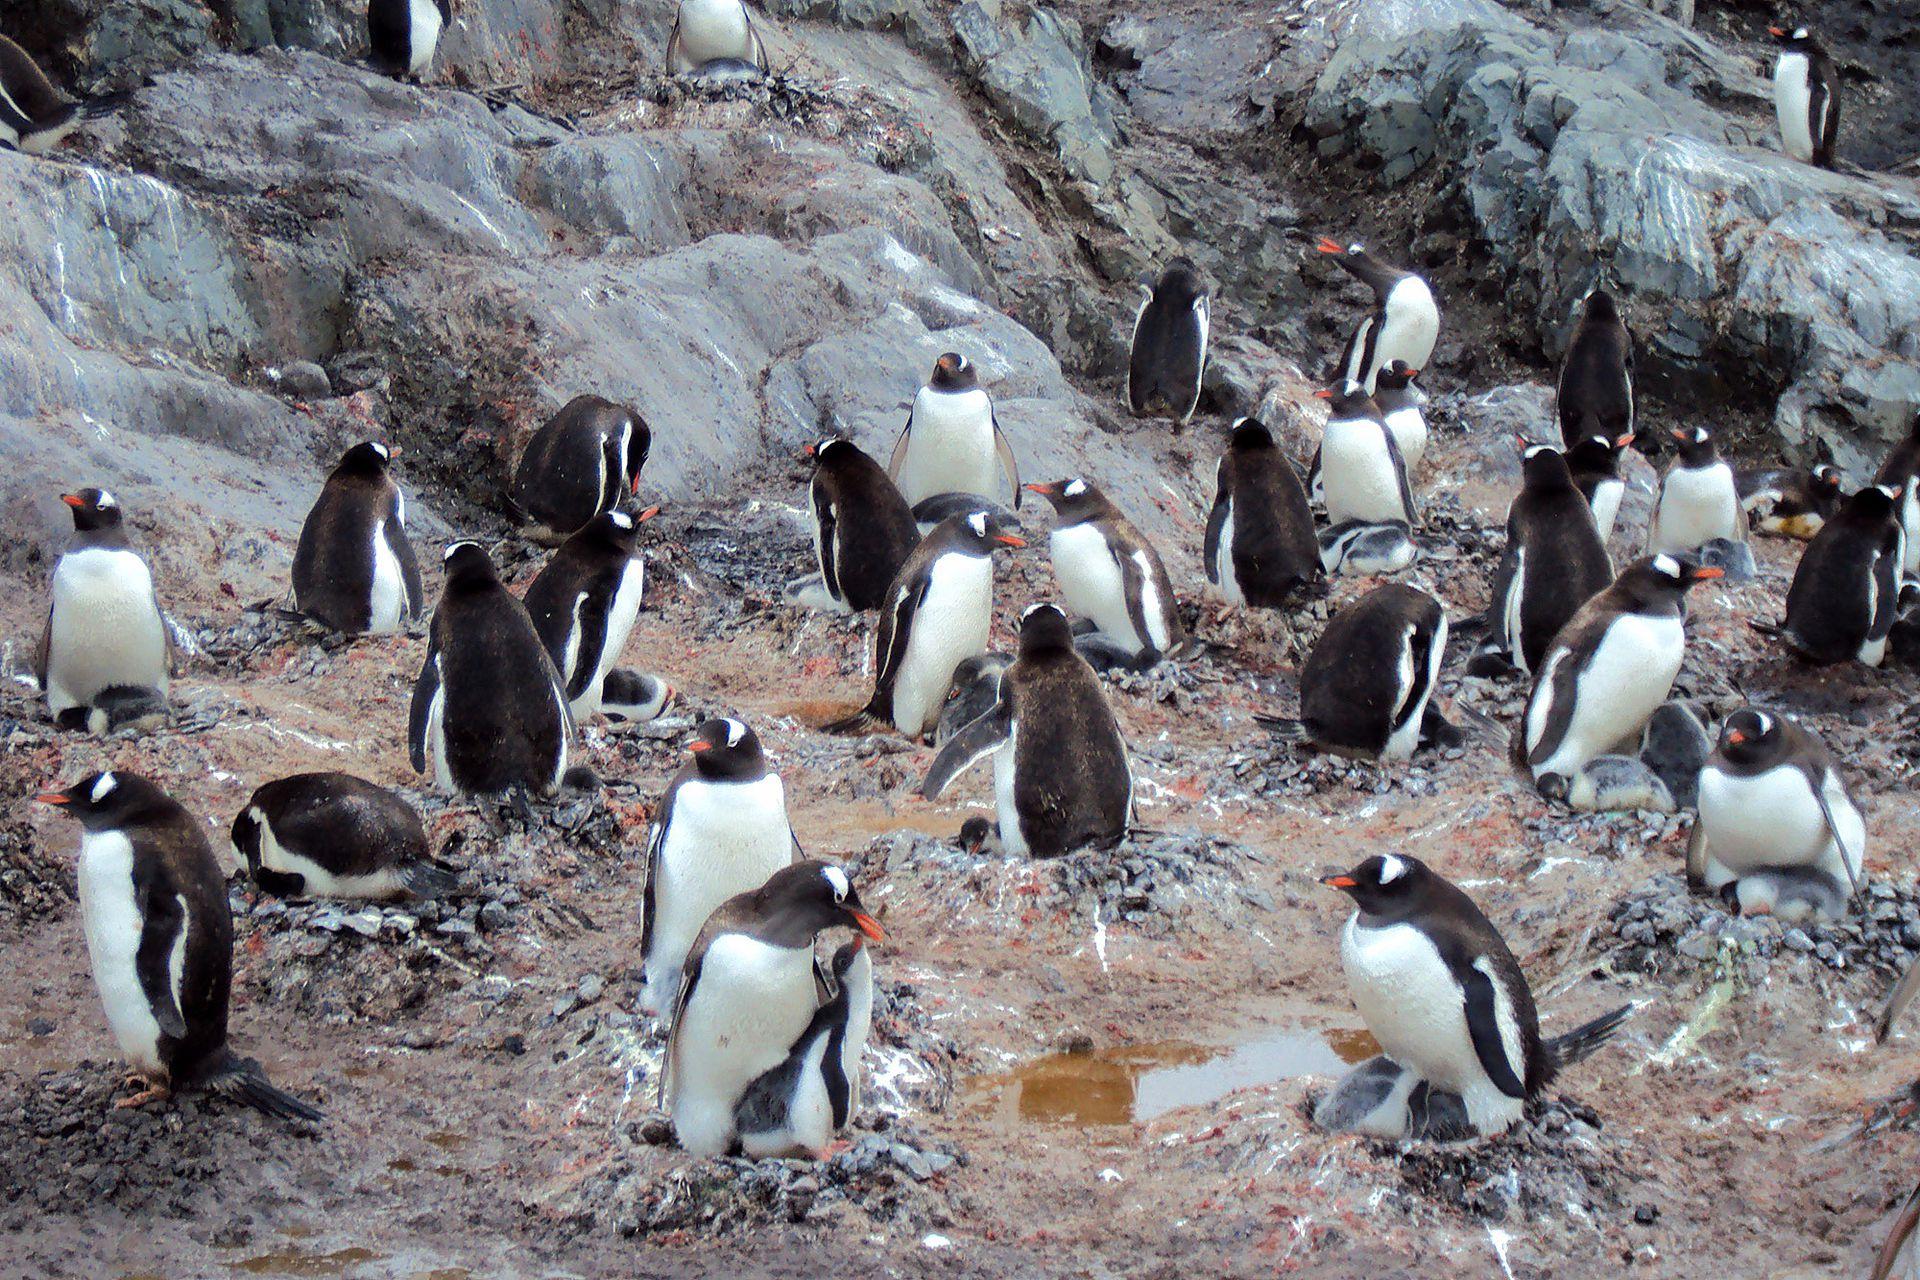 Colonia de pingüinos de vincha. Son fácilmente identificable por su parche blanco en la parte alta de la cabeza detrás de los ojos